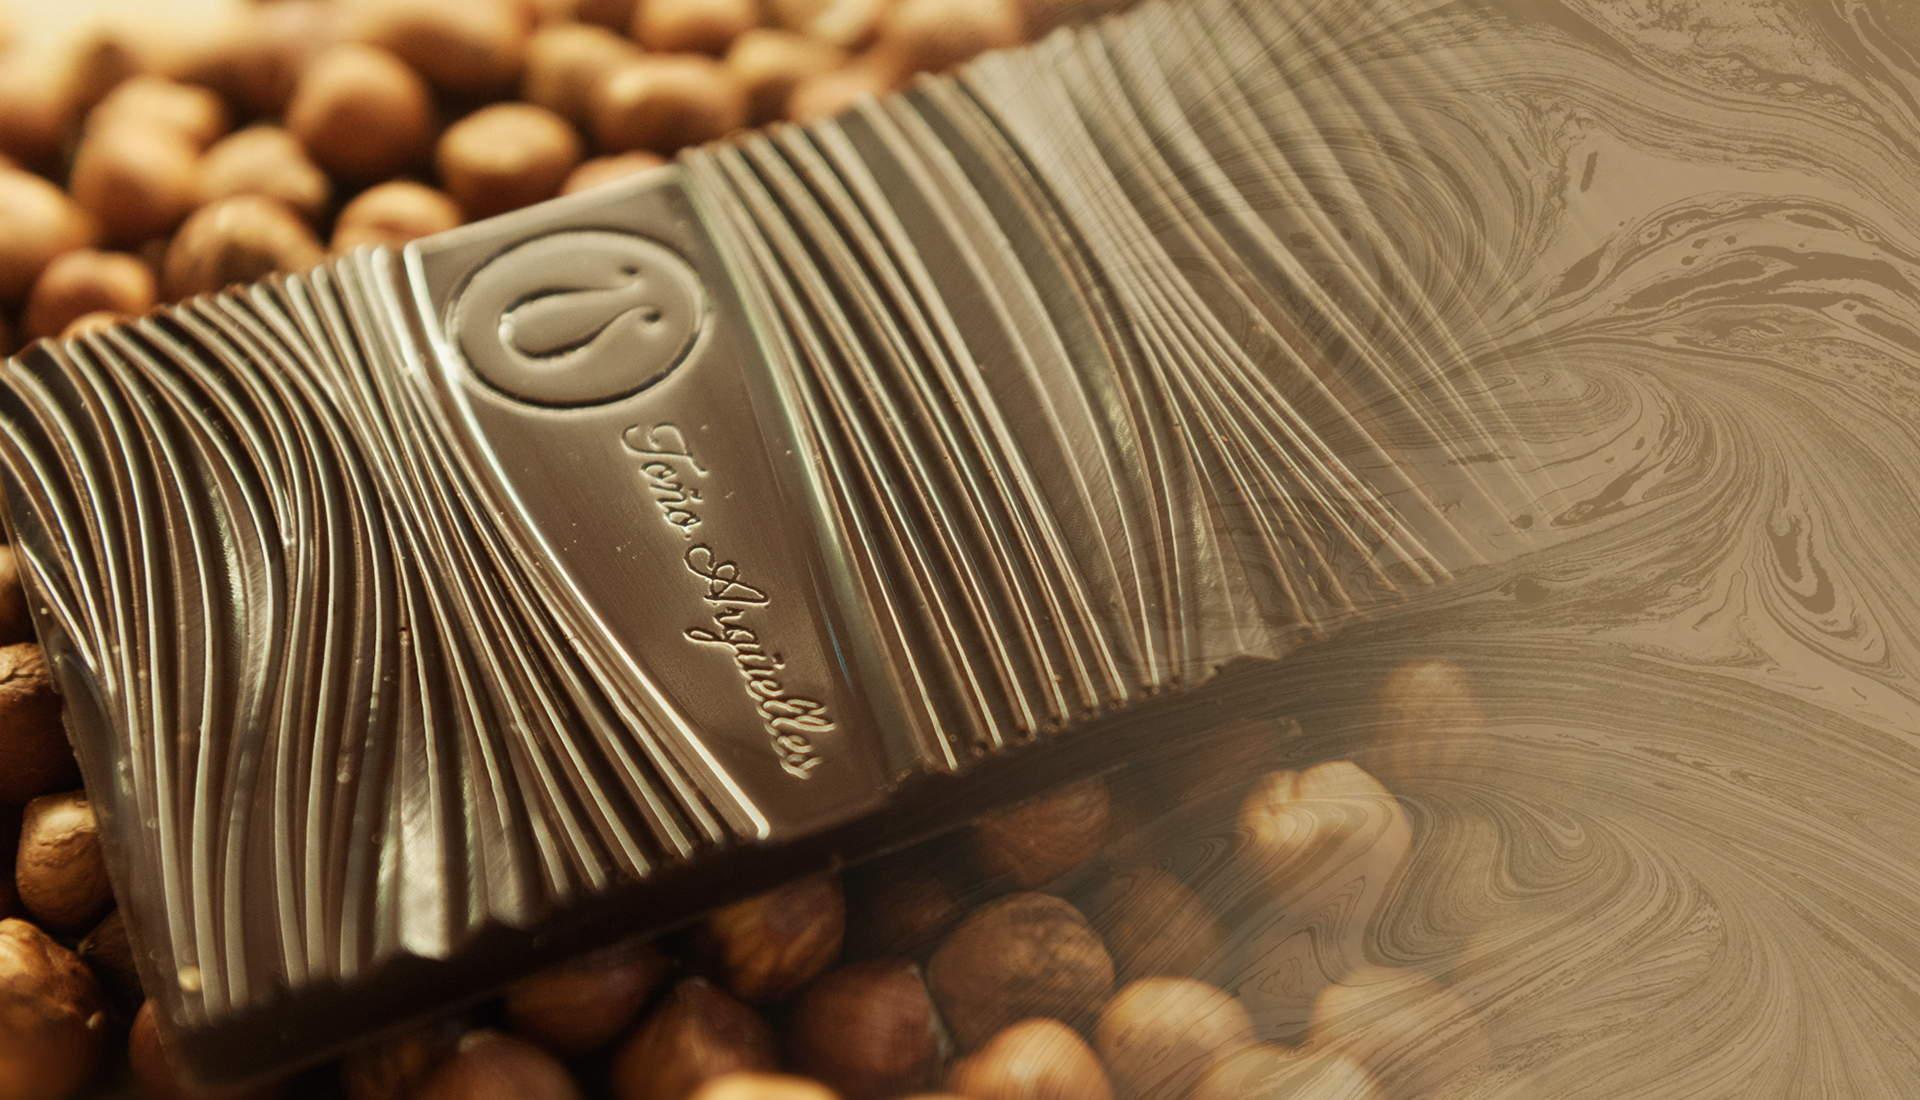 Pasion-por-el-chocolate-Arguelles-Chocolatier-arguelleschocolatier.com_chocolatier-Especialistas-en-chocolate